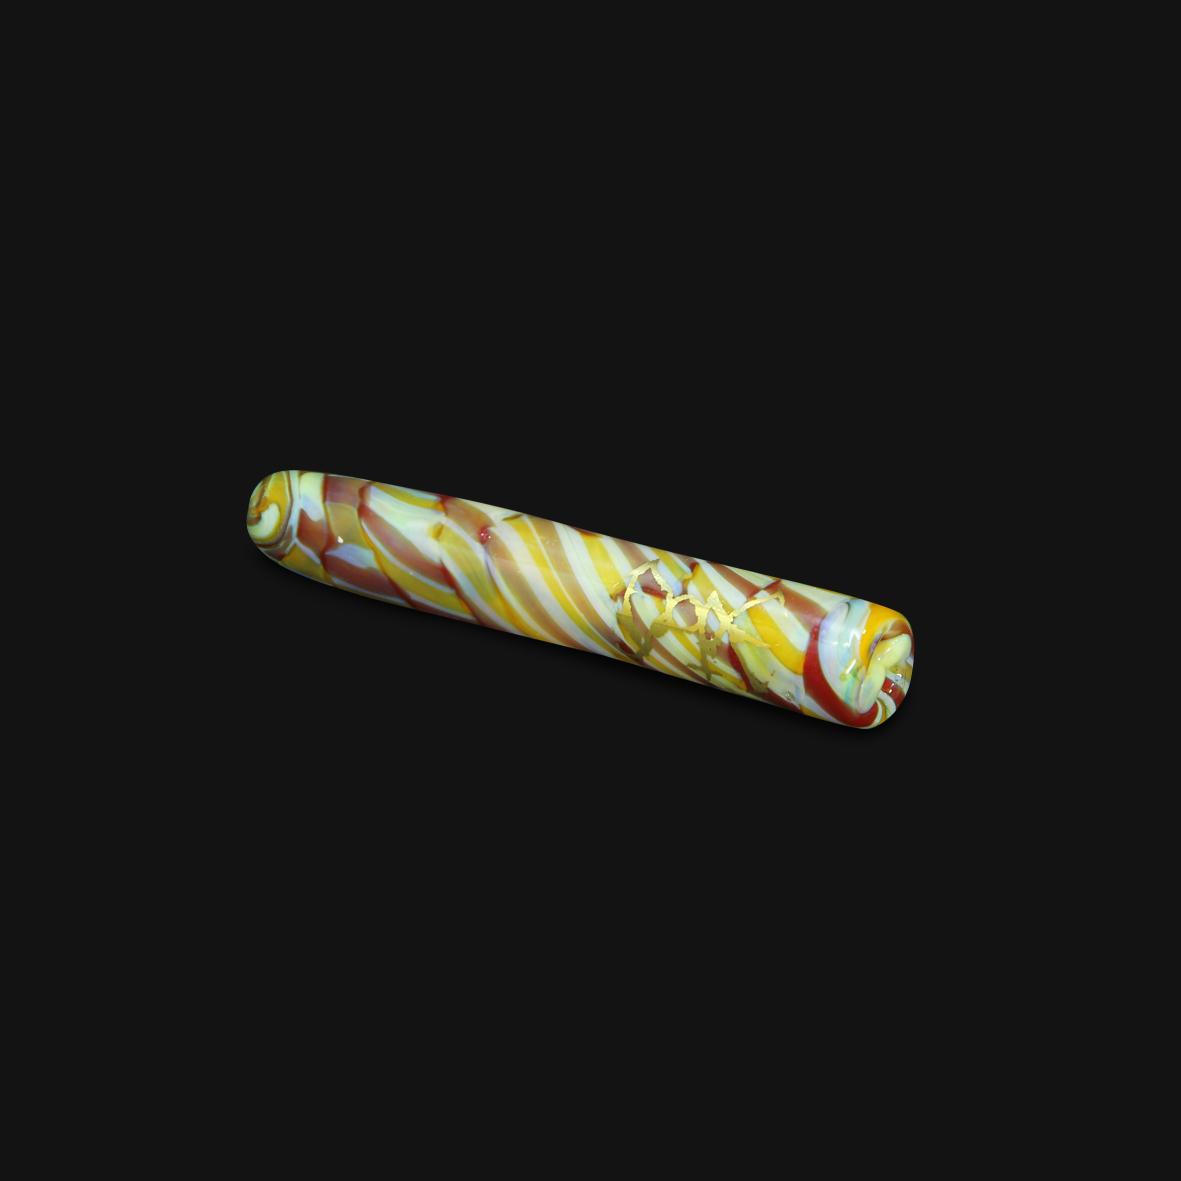 Key Stoned #15